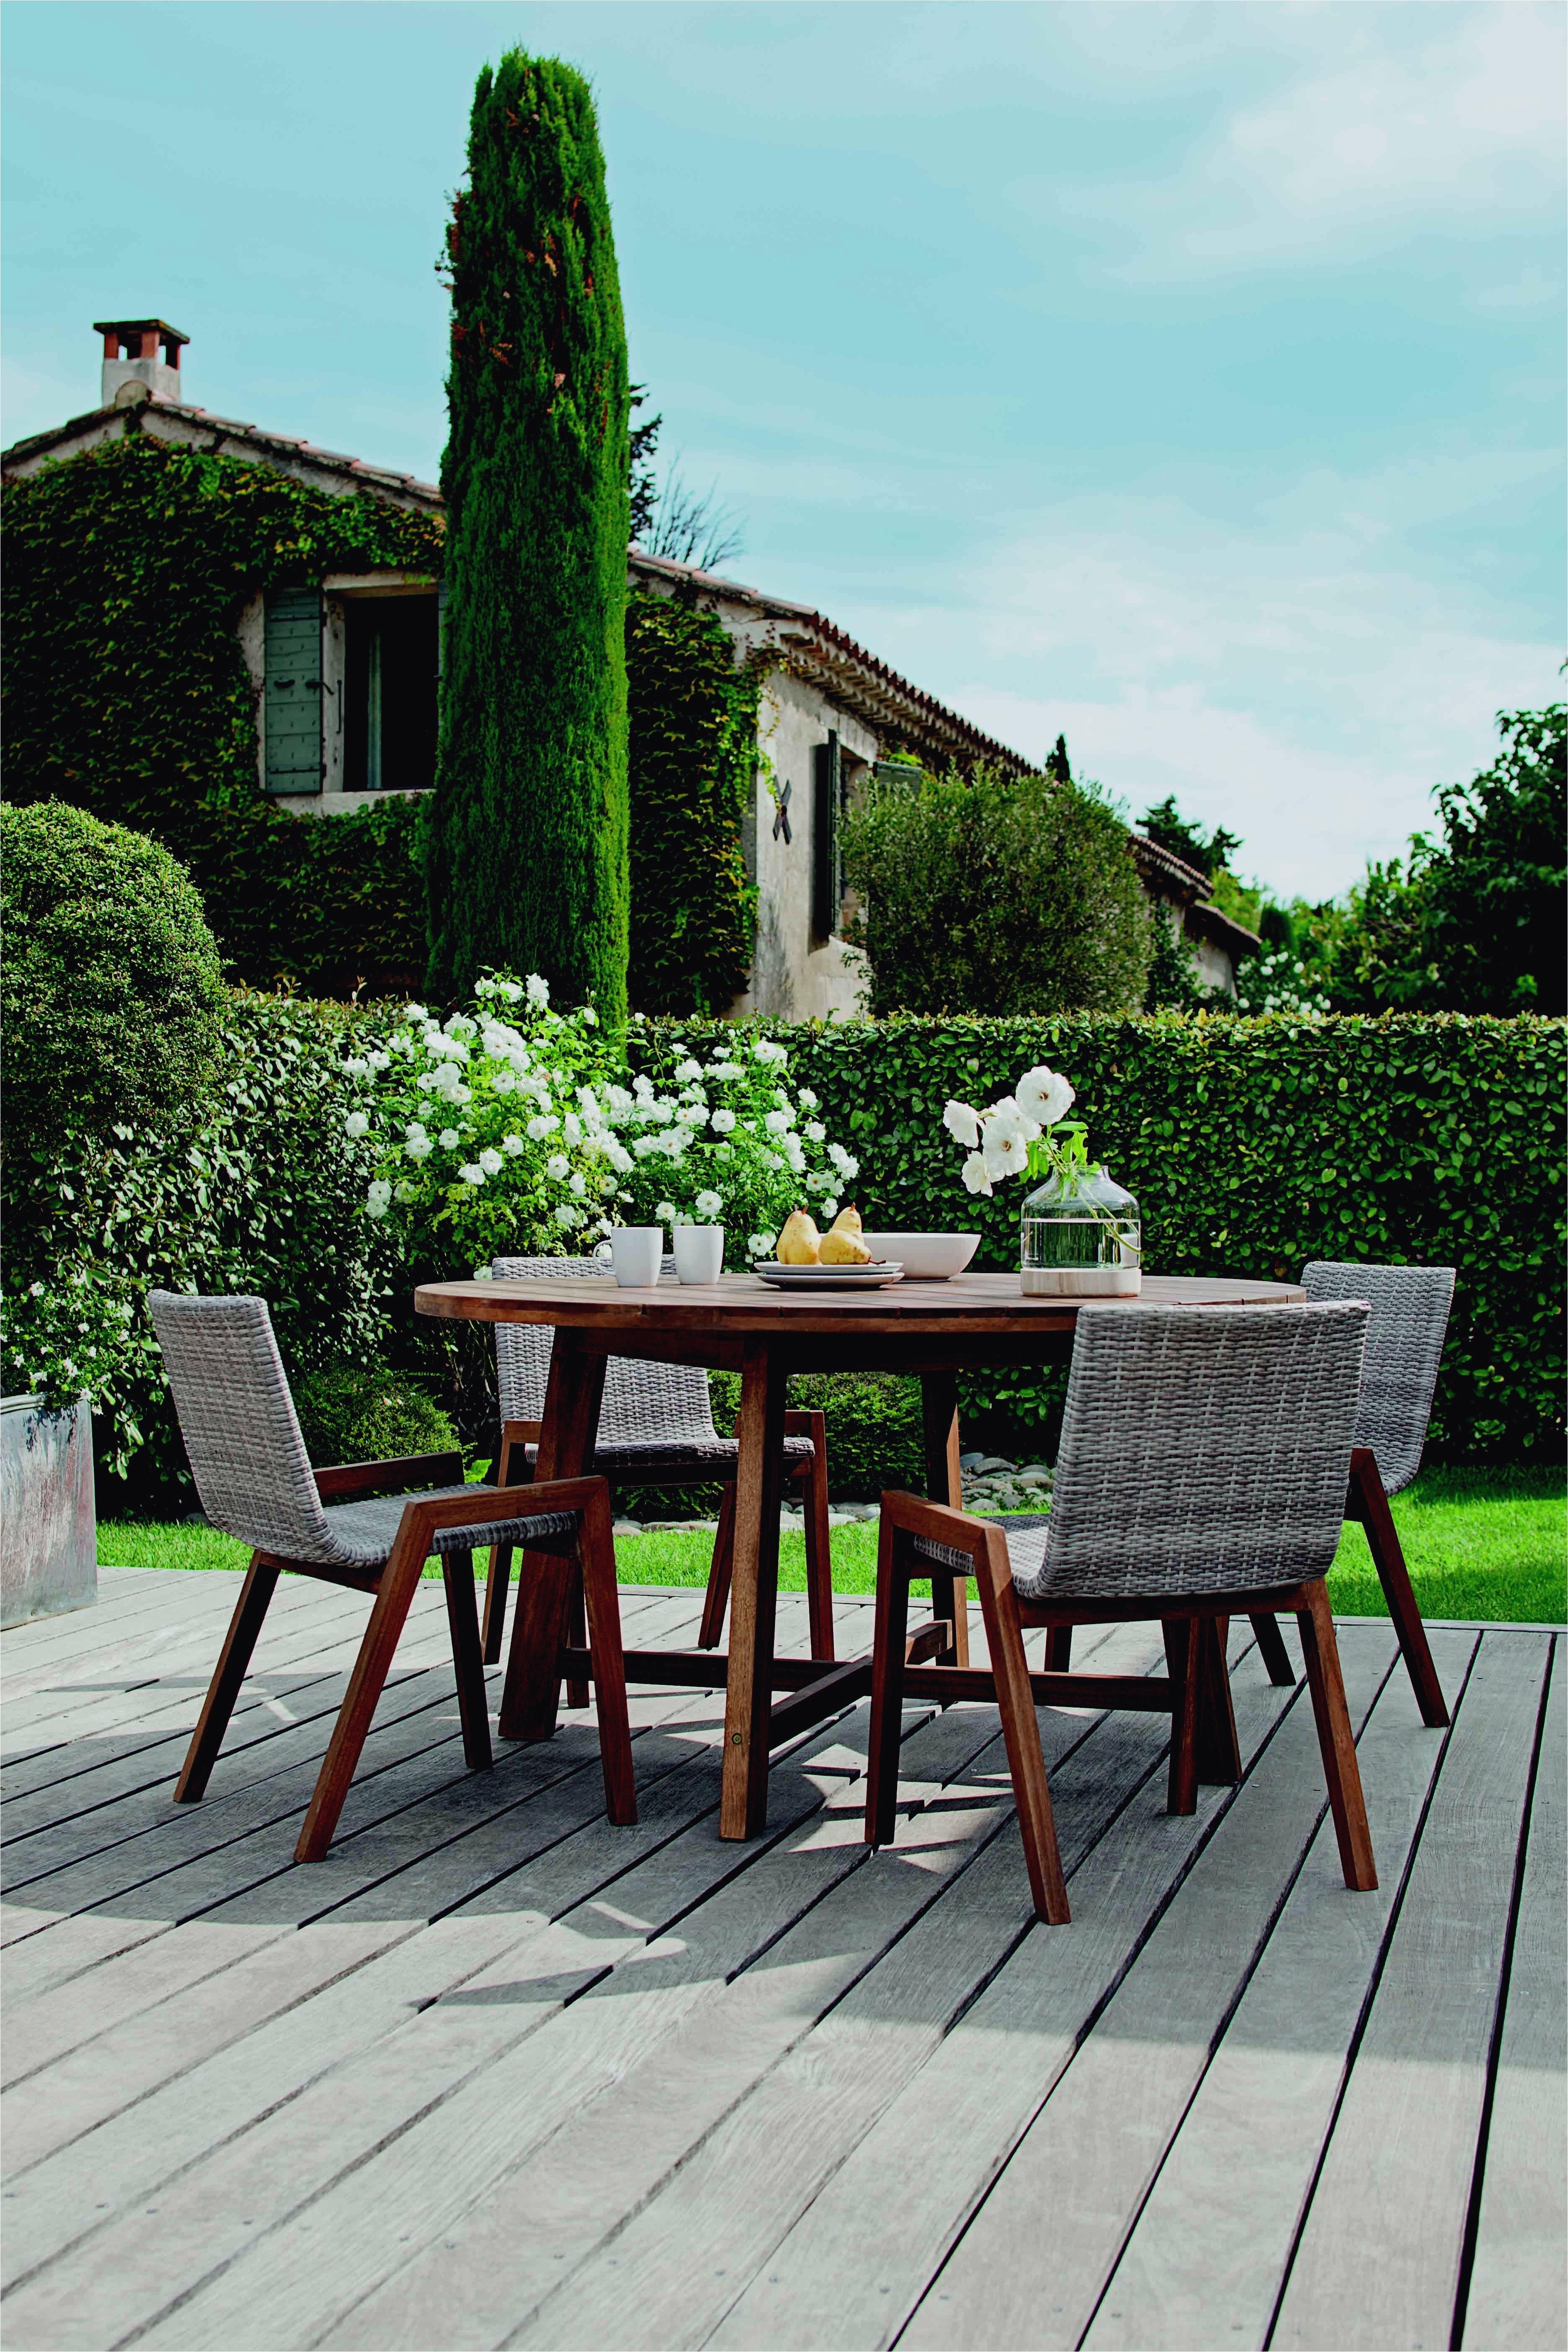 Gifi Drap Housse Élégant Photos Housse De Table De Jardin Inspirant Gifi Table De Jardin Trad Hus